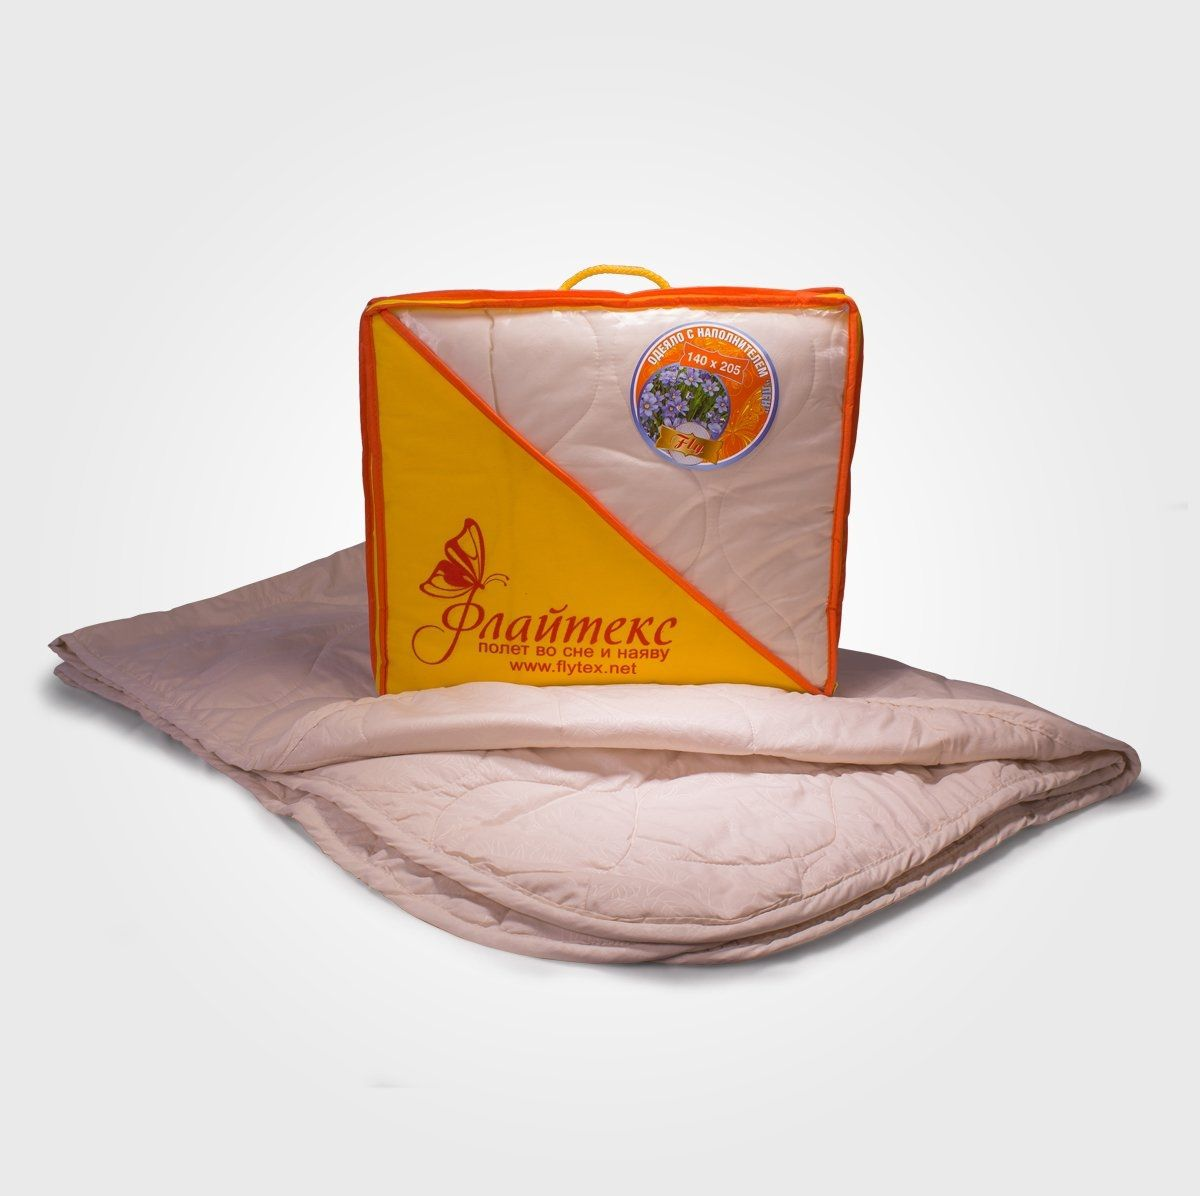 Одеяло коллекции FLY (льняное волокно, облегченное)